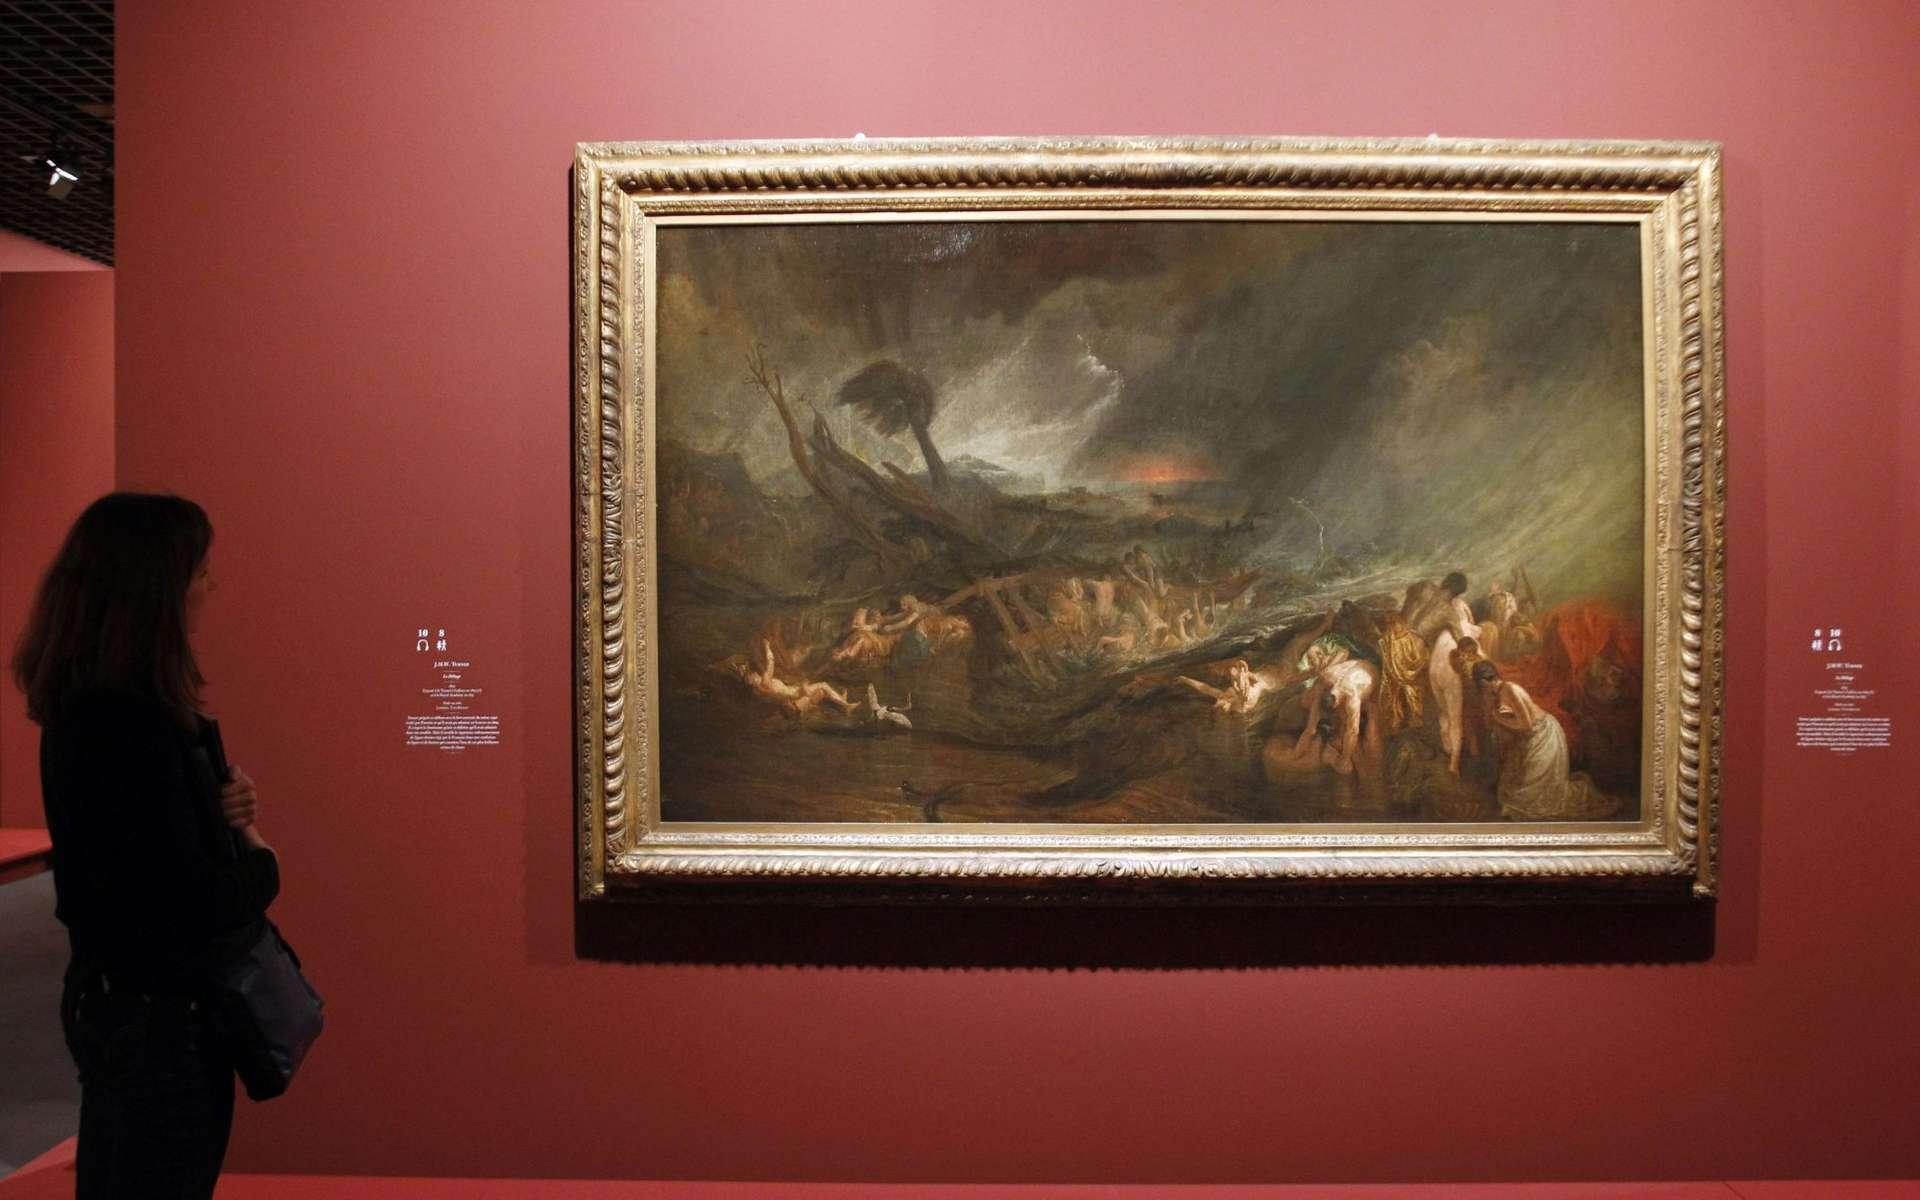 Le déluge, peint en 1805 par William Turner, grand maître des paysages. De tels tableaux peuvent renseigner sur le ciel de l'époque. © AFP Photo, François Guillot